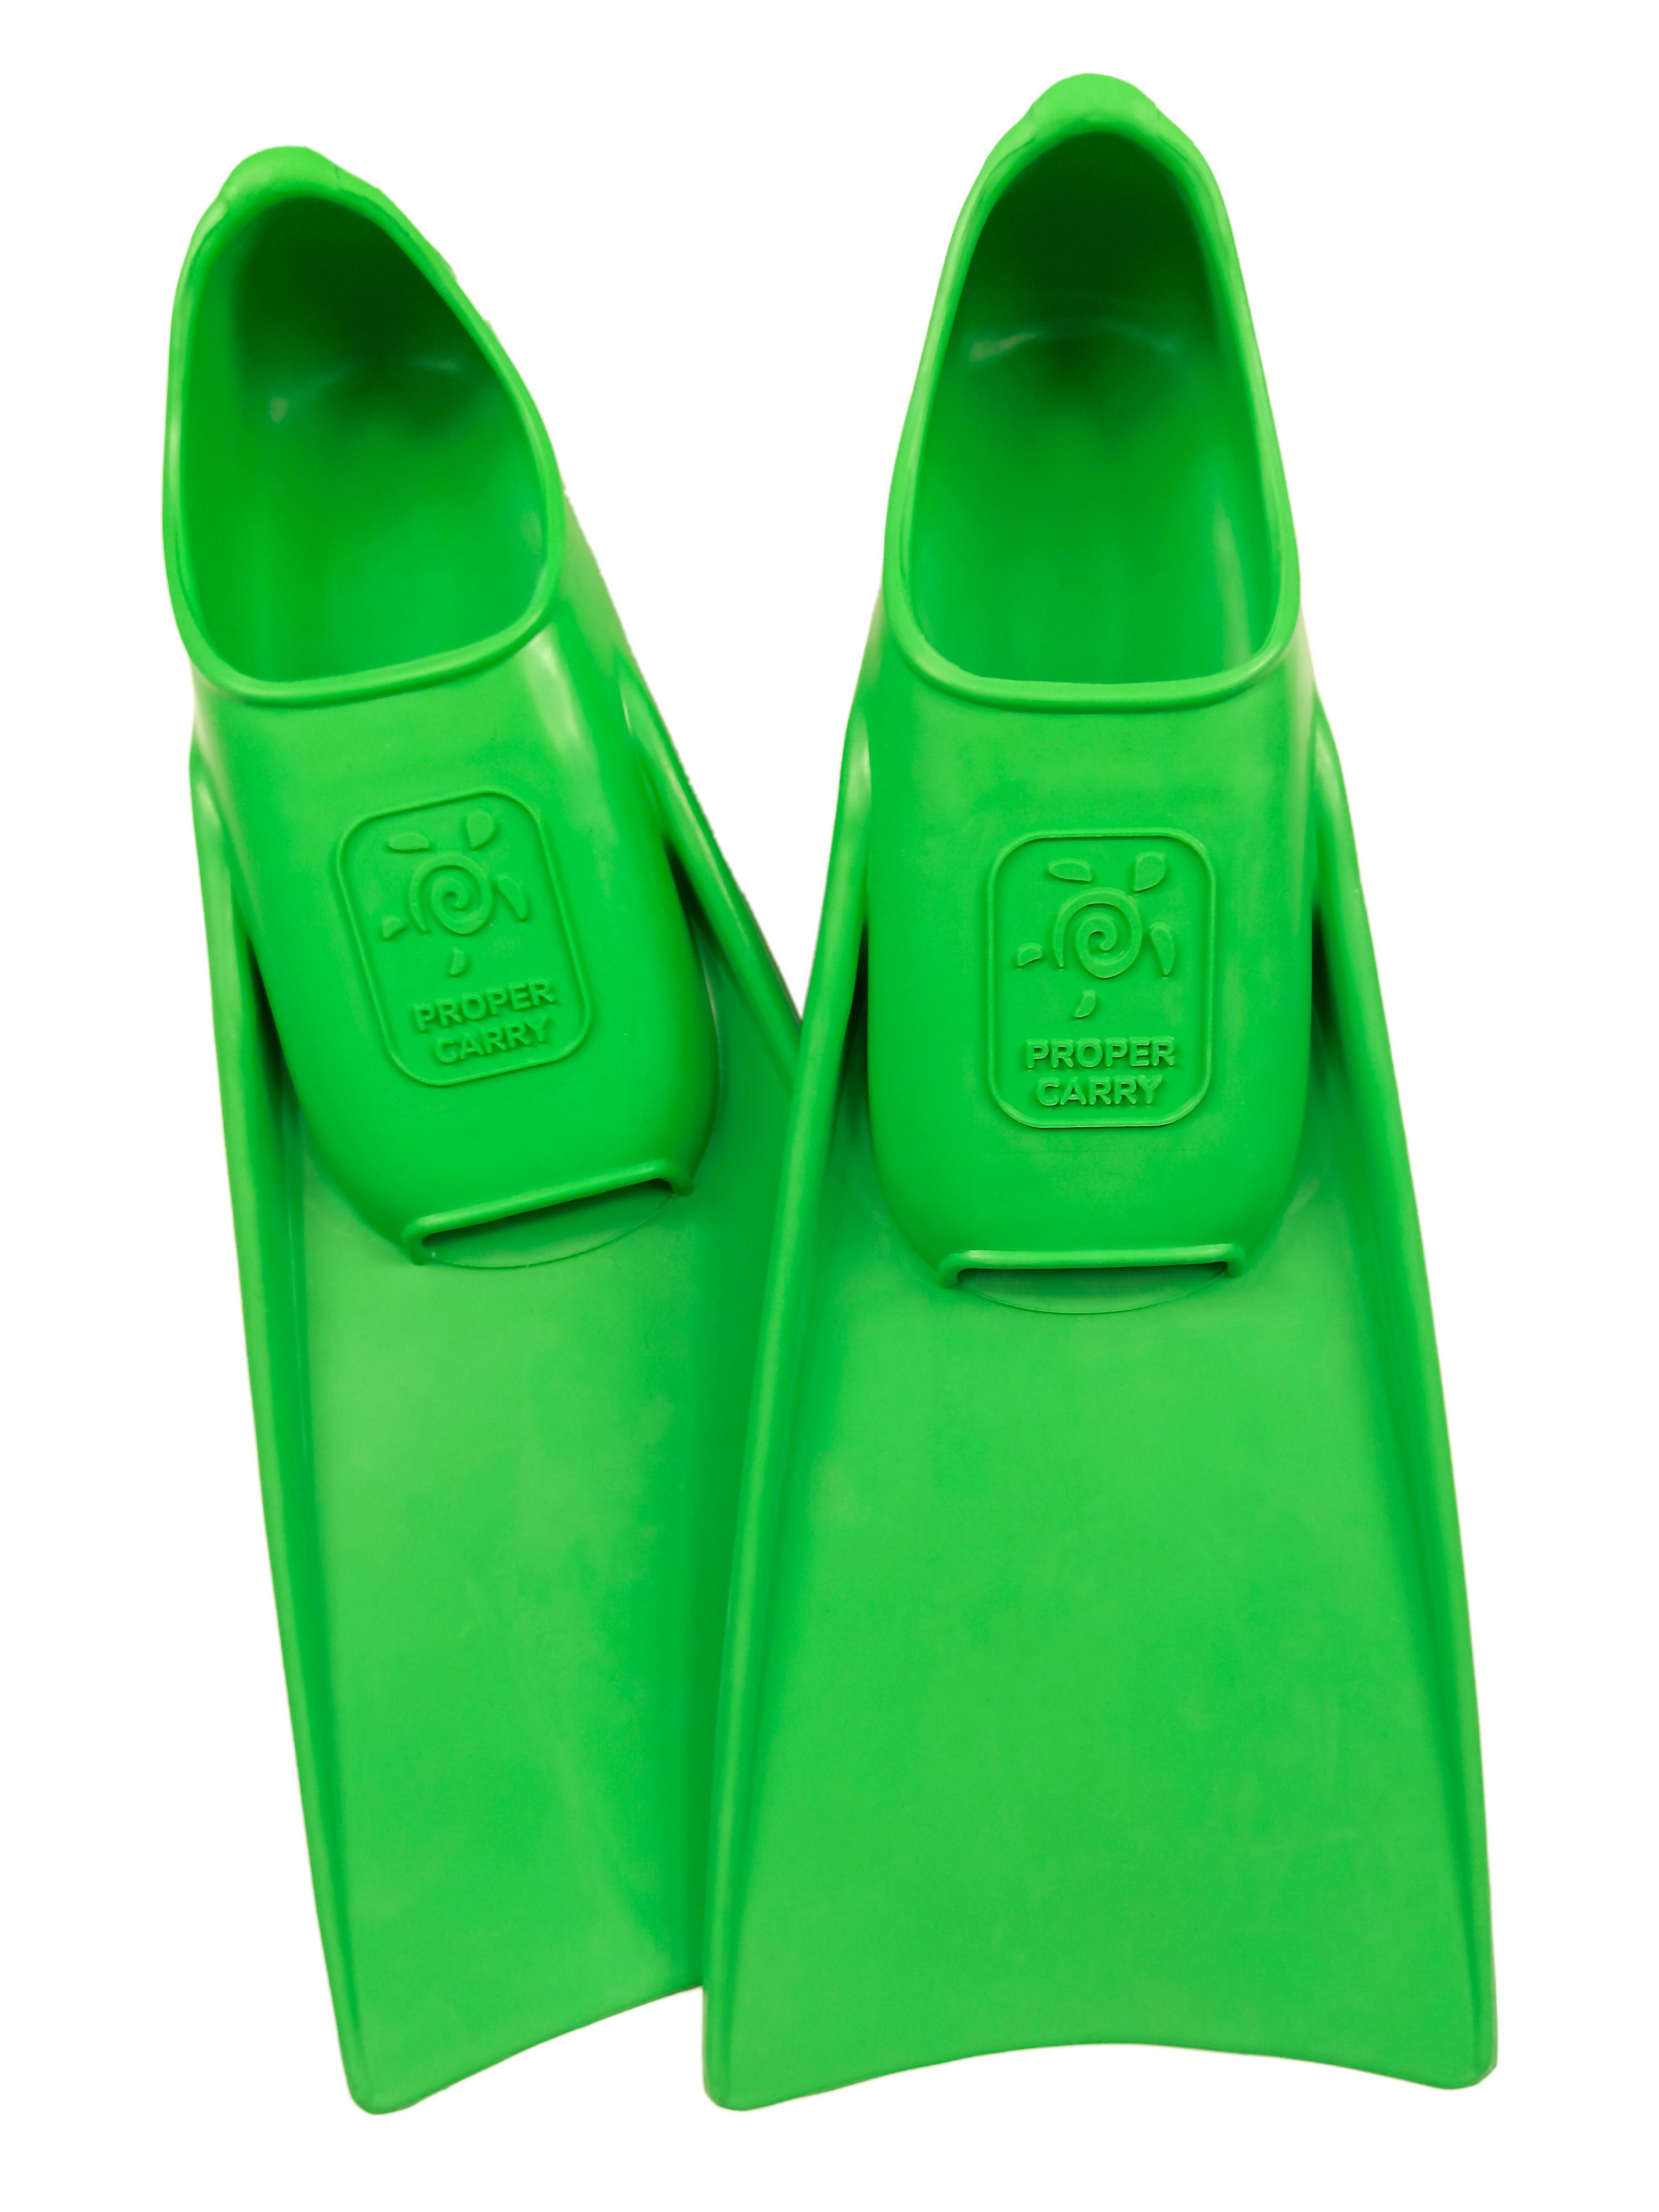 Детские ласты для плавания Proper-Carry Super Elastic размер 21-22, 23-24, 25-26, 27-28, 29-30, - фото 3